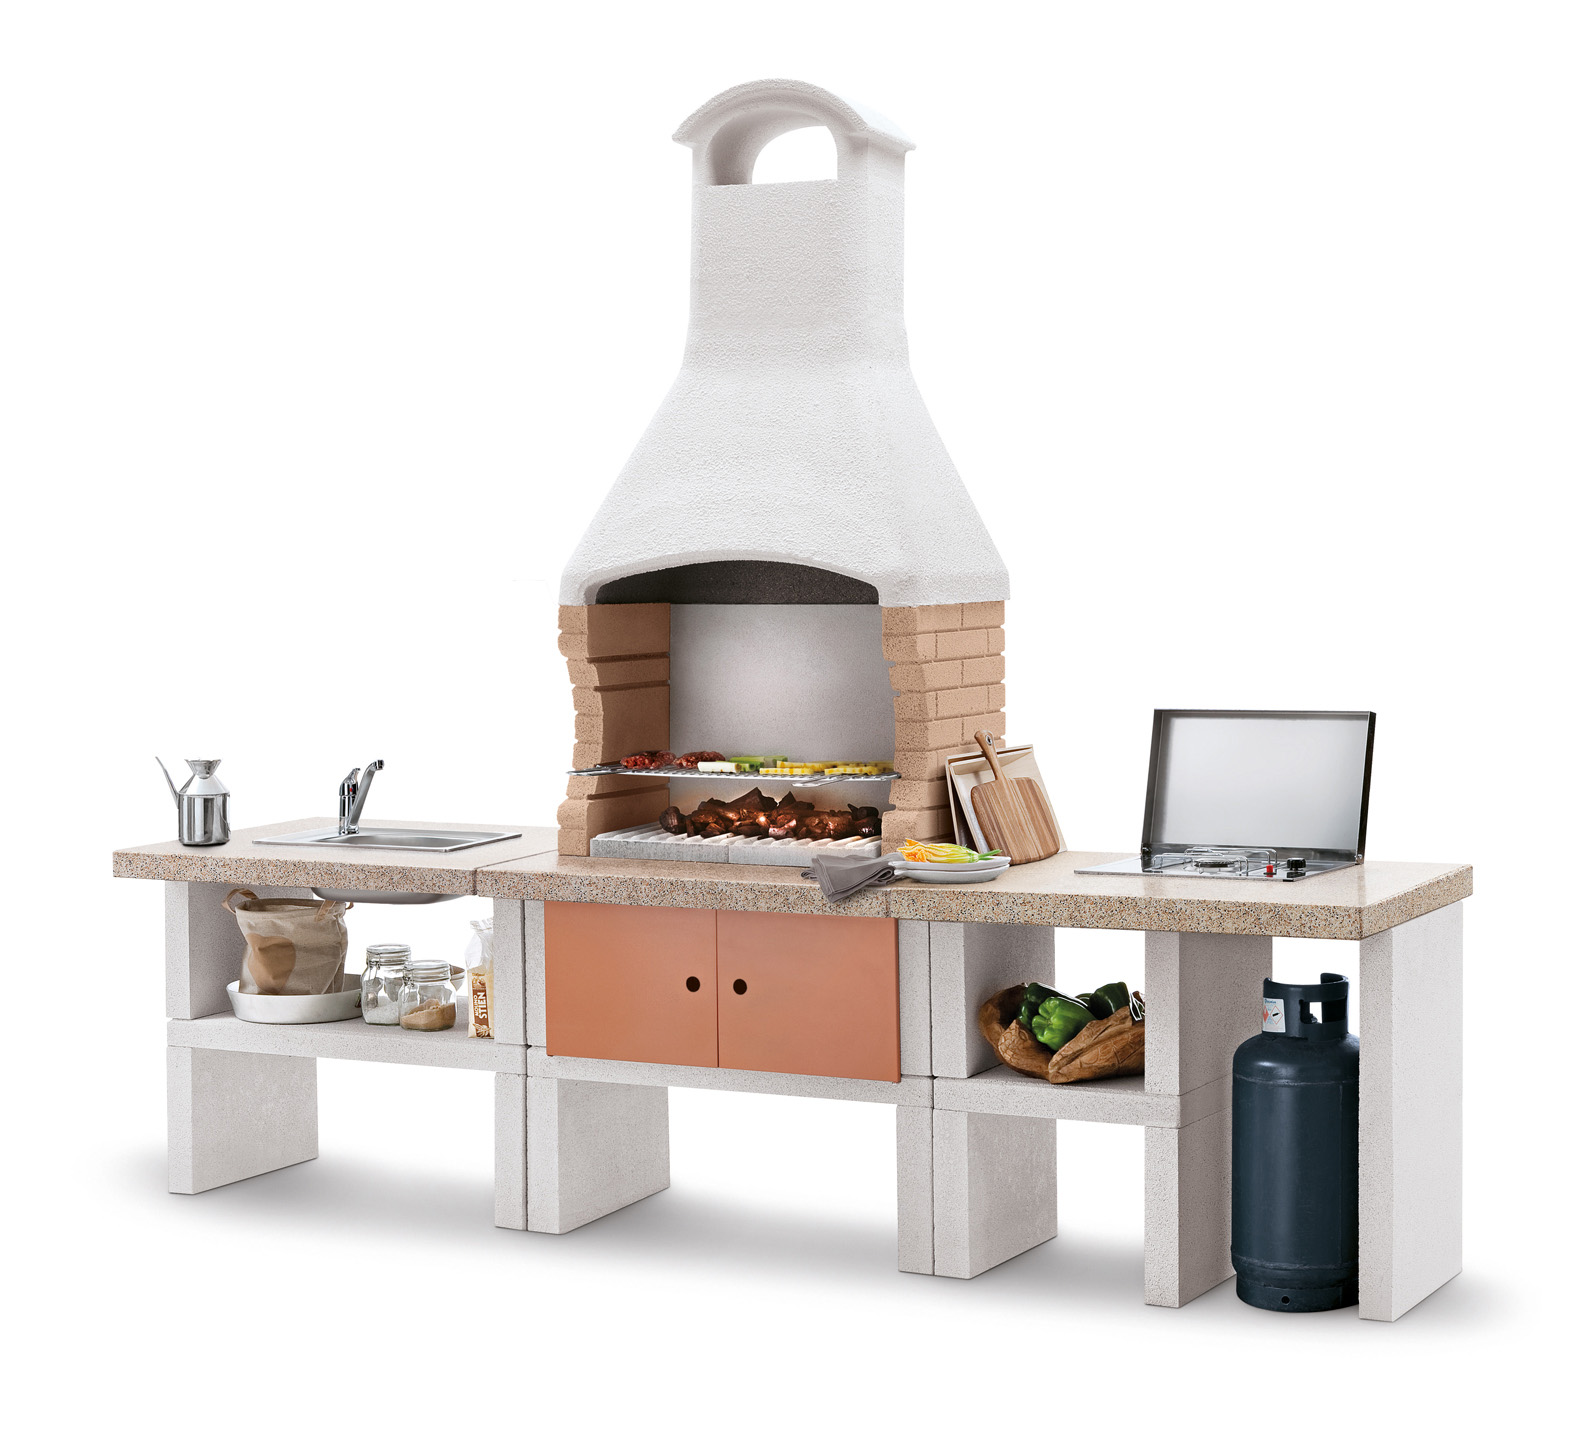 ariel cuisine d 39 ext rieur. Black Bedroom Furniture Sets. Home Design Ideas